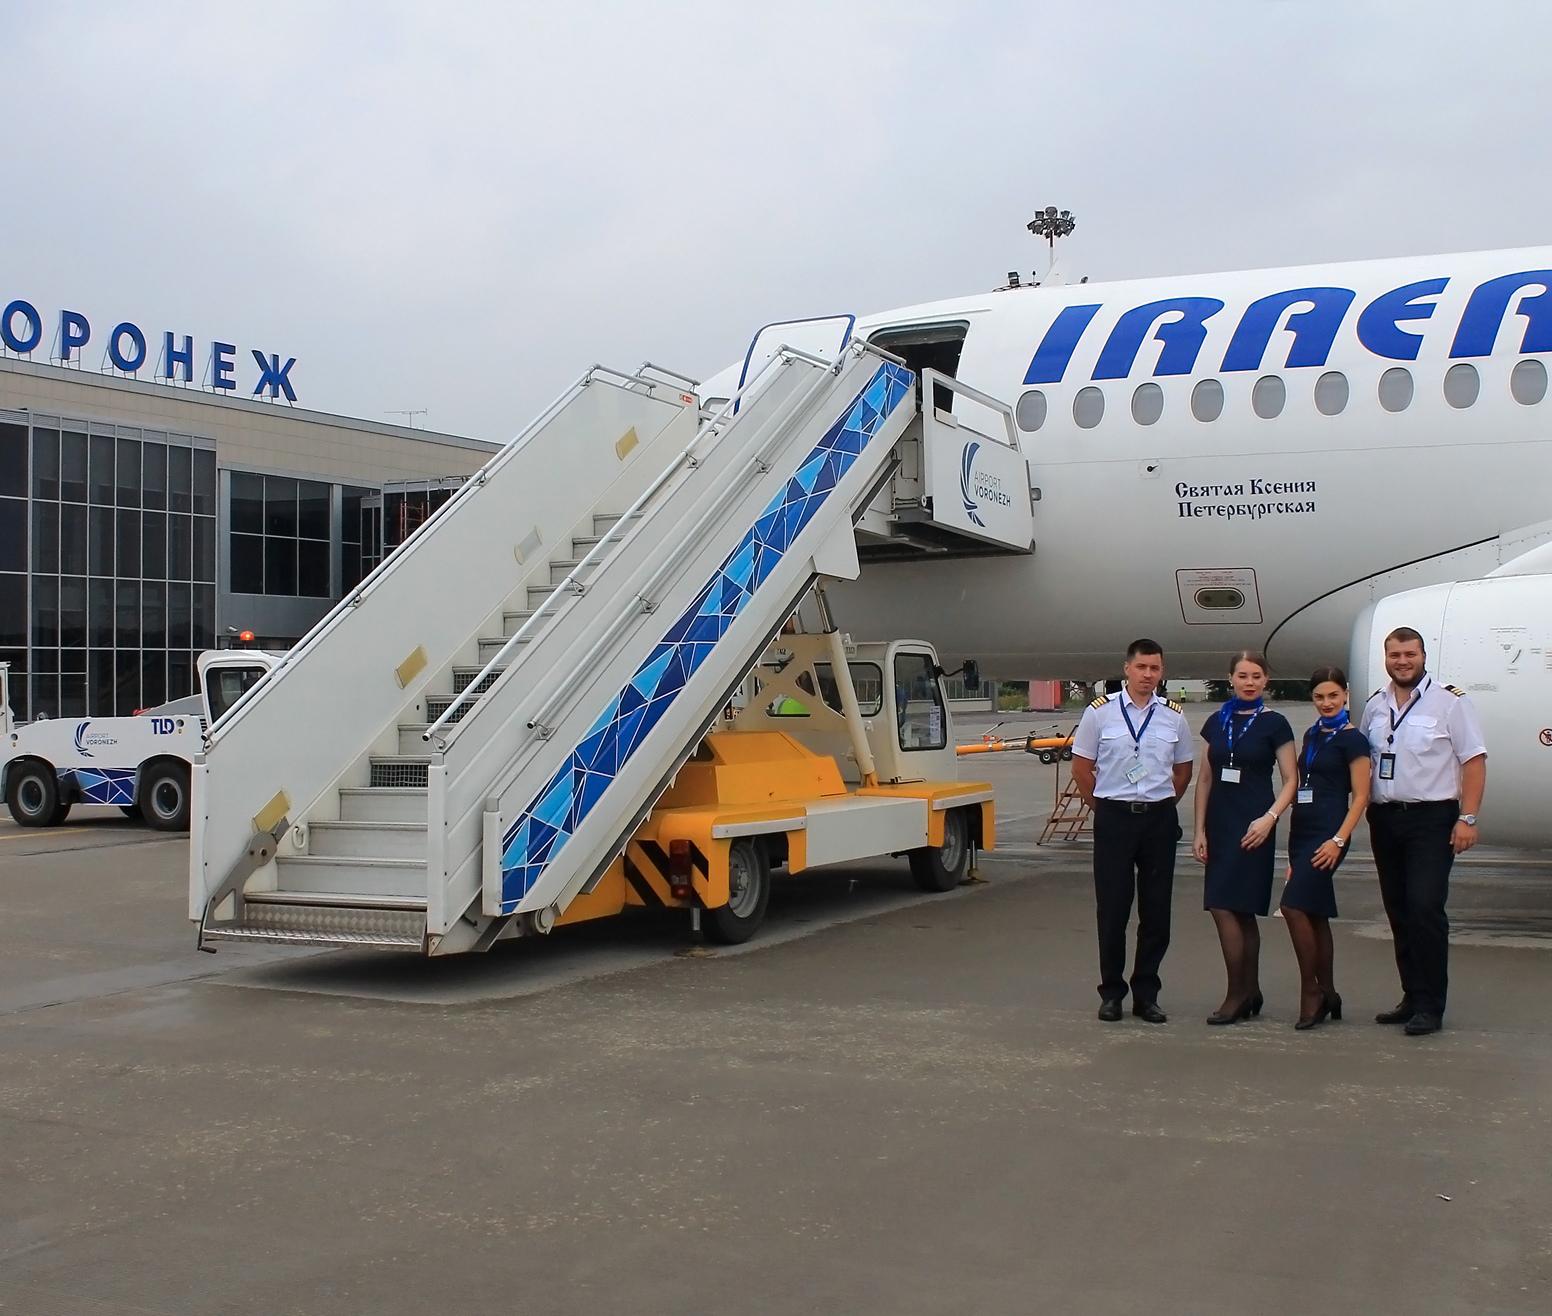 Из Воронежа запустят новый авиарейс в Крым